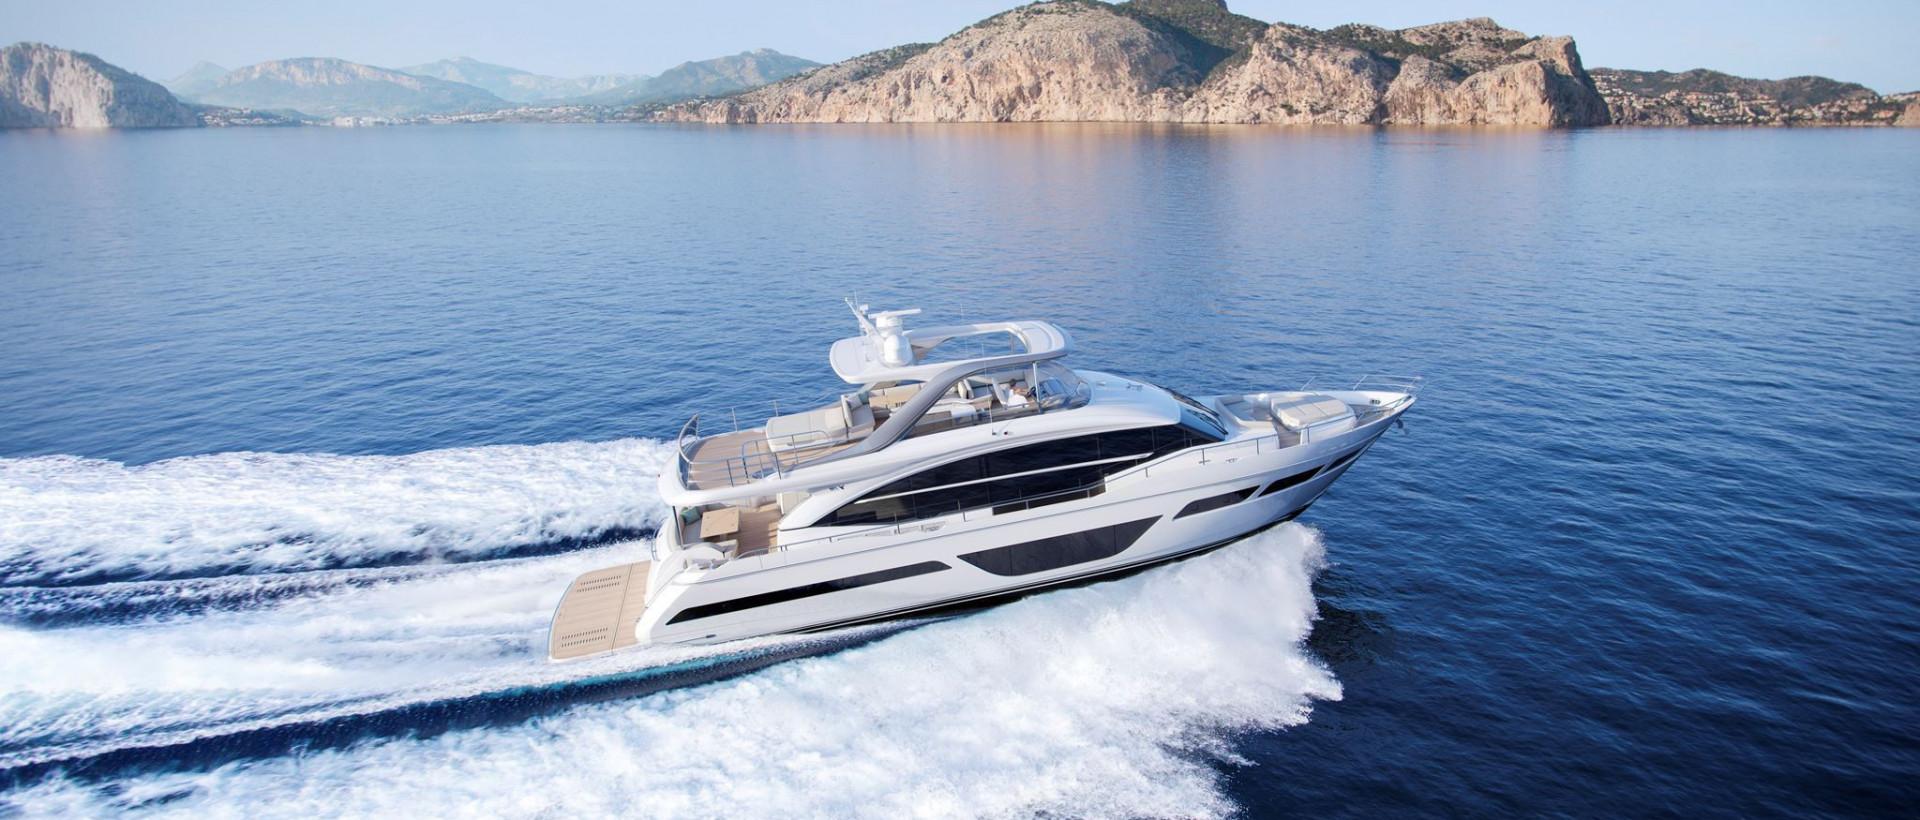 https://www.princess.fr/yacht/41/princess-y78-motor-yacht